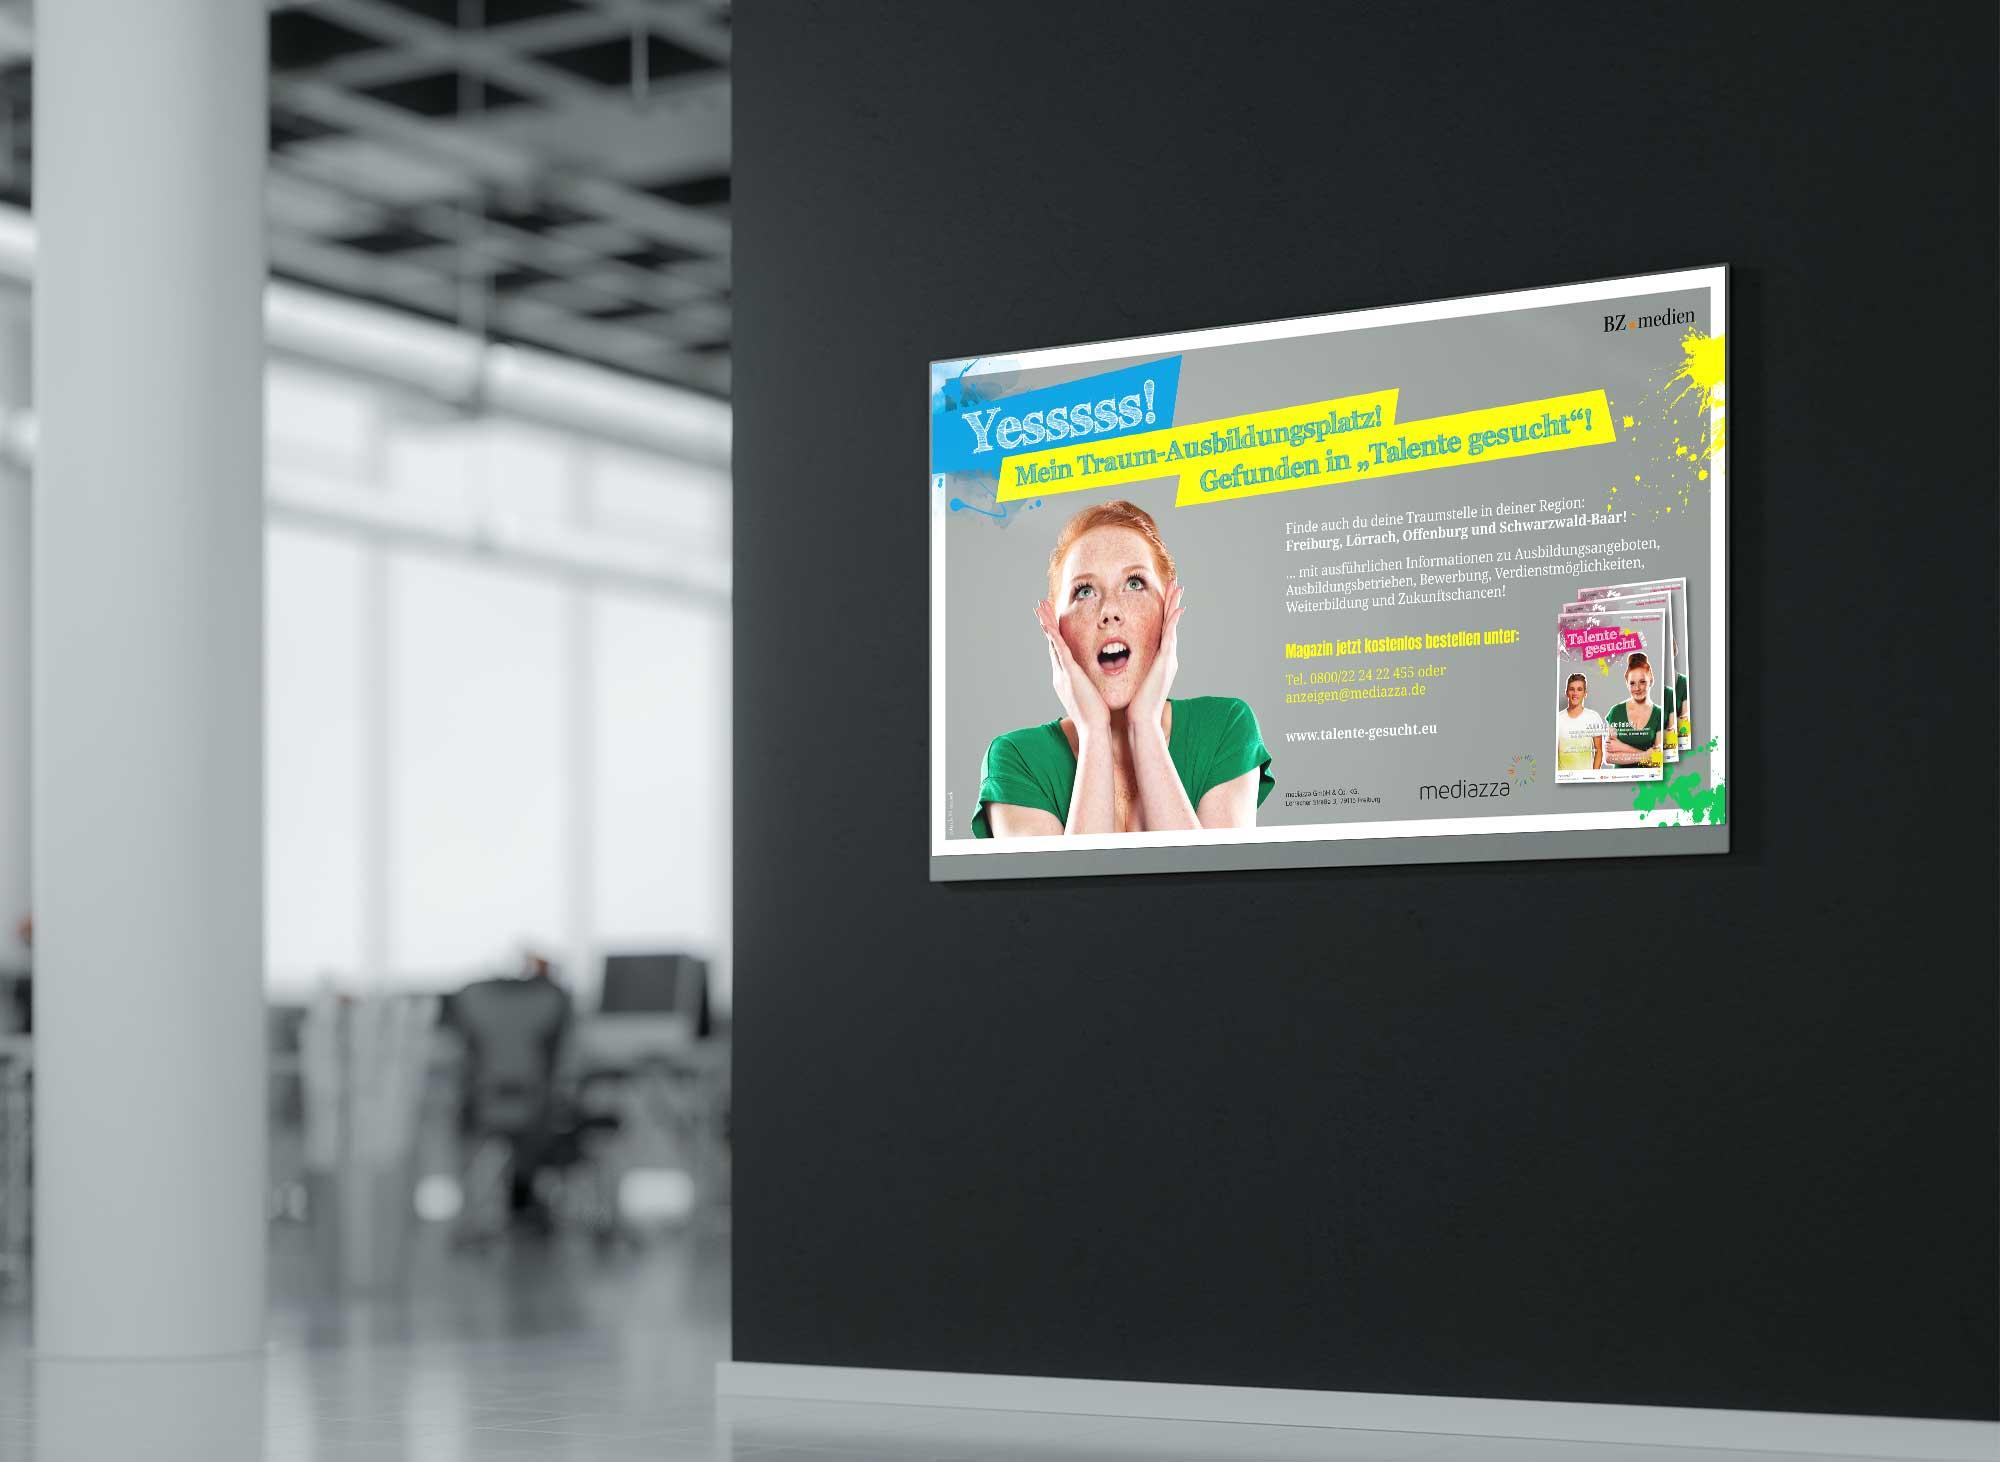 11_Talente_Gesucht_Mediabox_Web